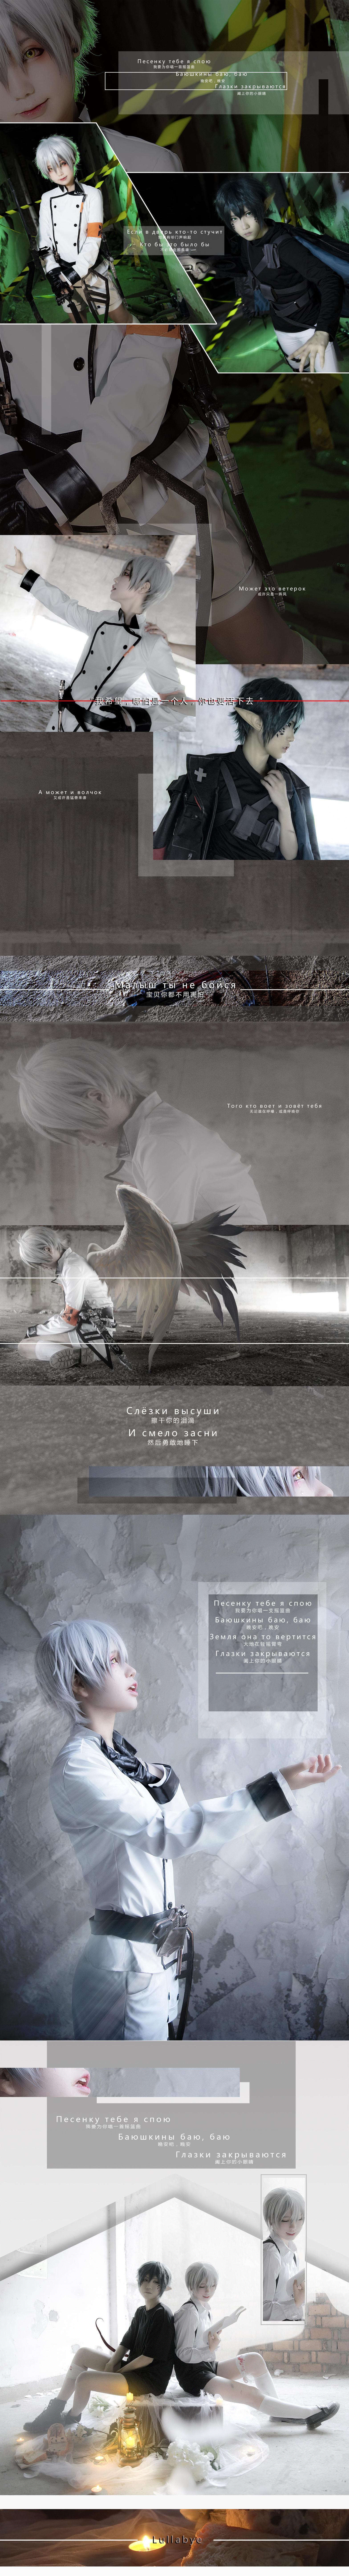 《明日方舟》正片cosplay【CN:缭绫】-第4张